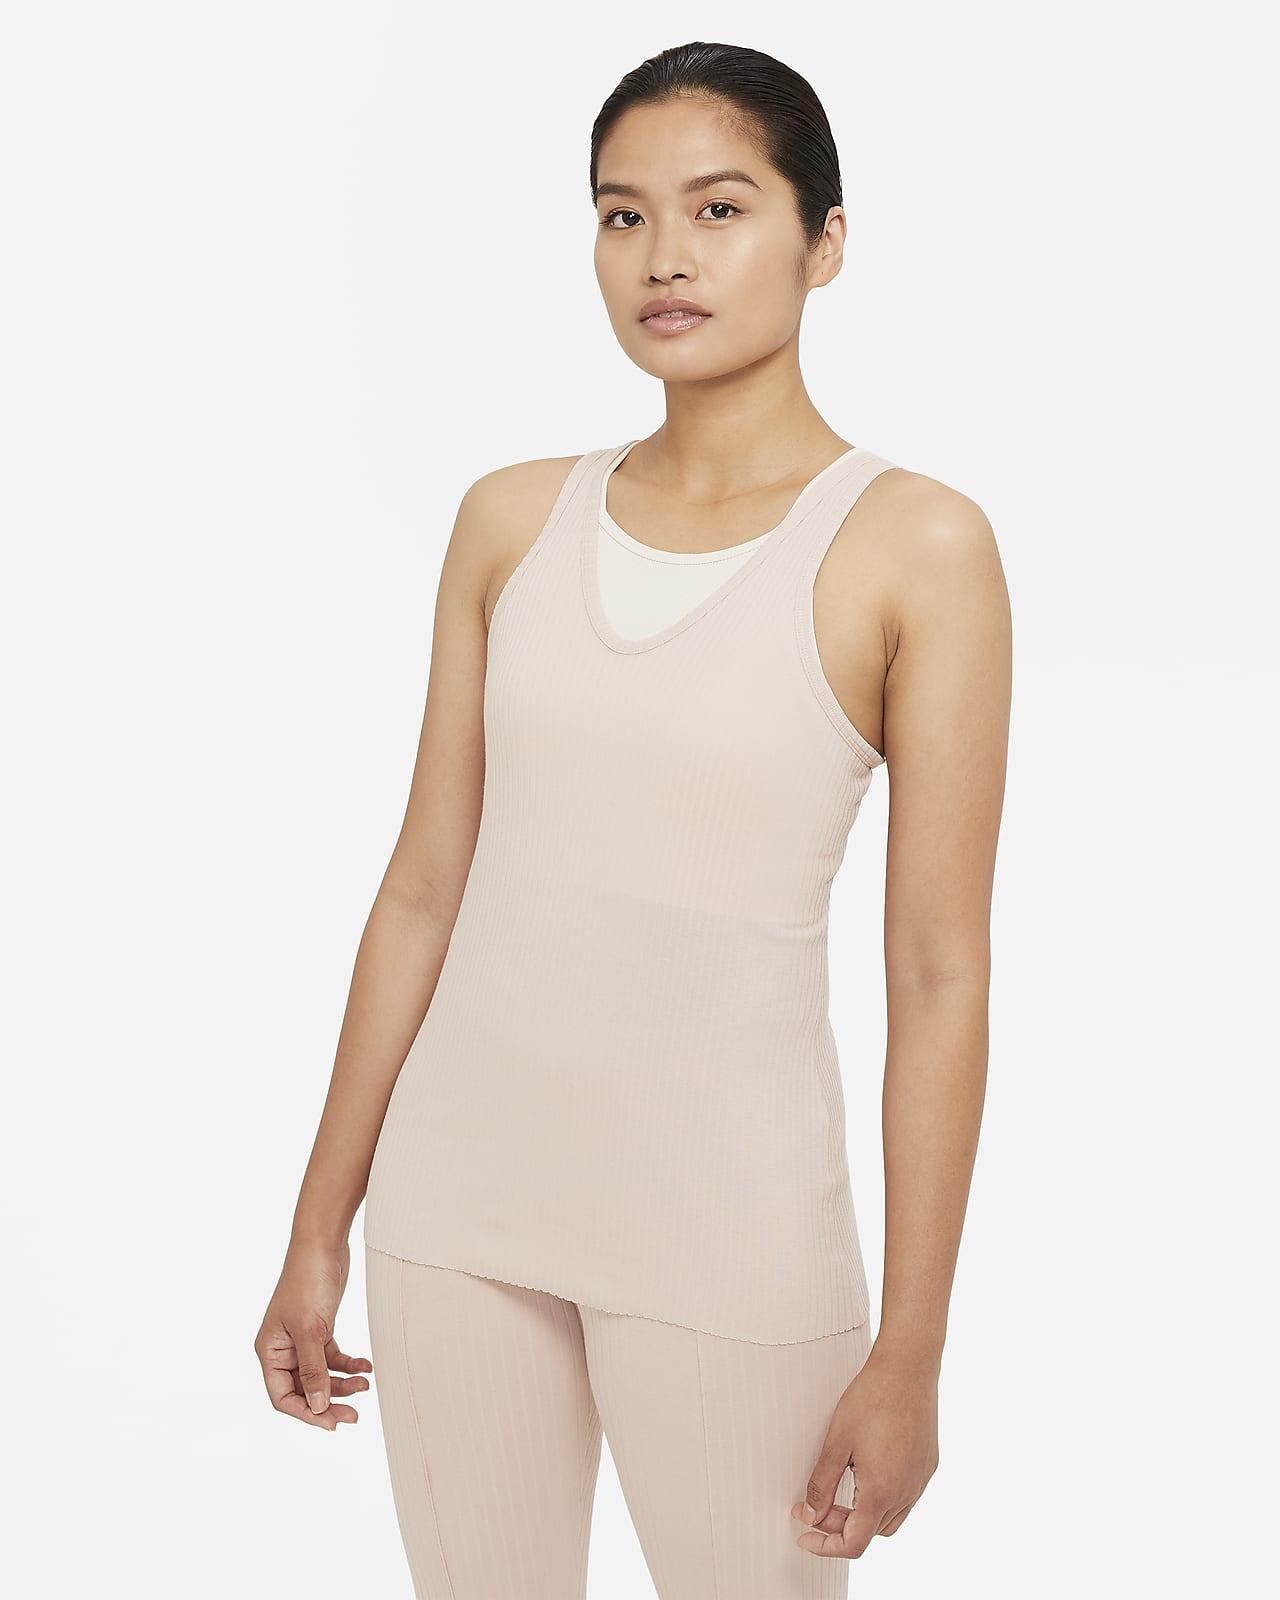 เสื้อกล้ามผ้าจั๊มพ์ผู้หญิง Nike Yoga